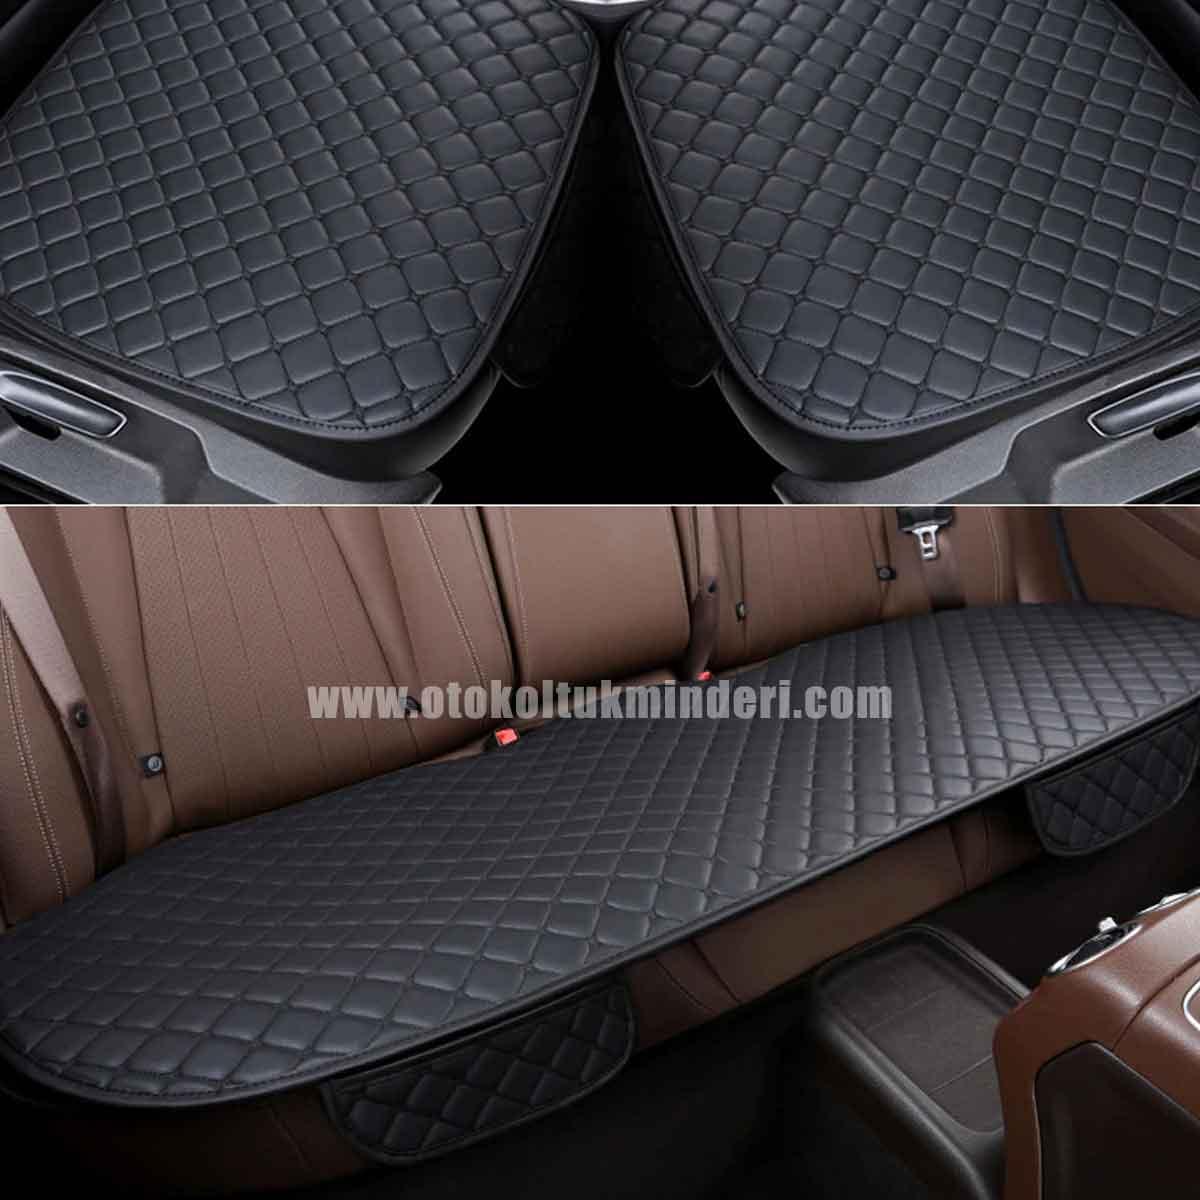 Nissan koltuk kılıfı deri - Nissan Koltuk minderi Siyah Deri Cepli